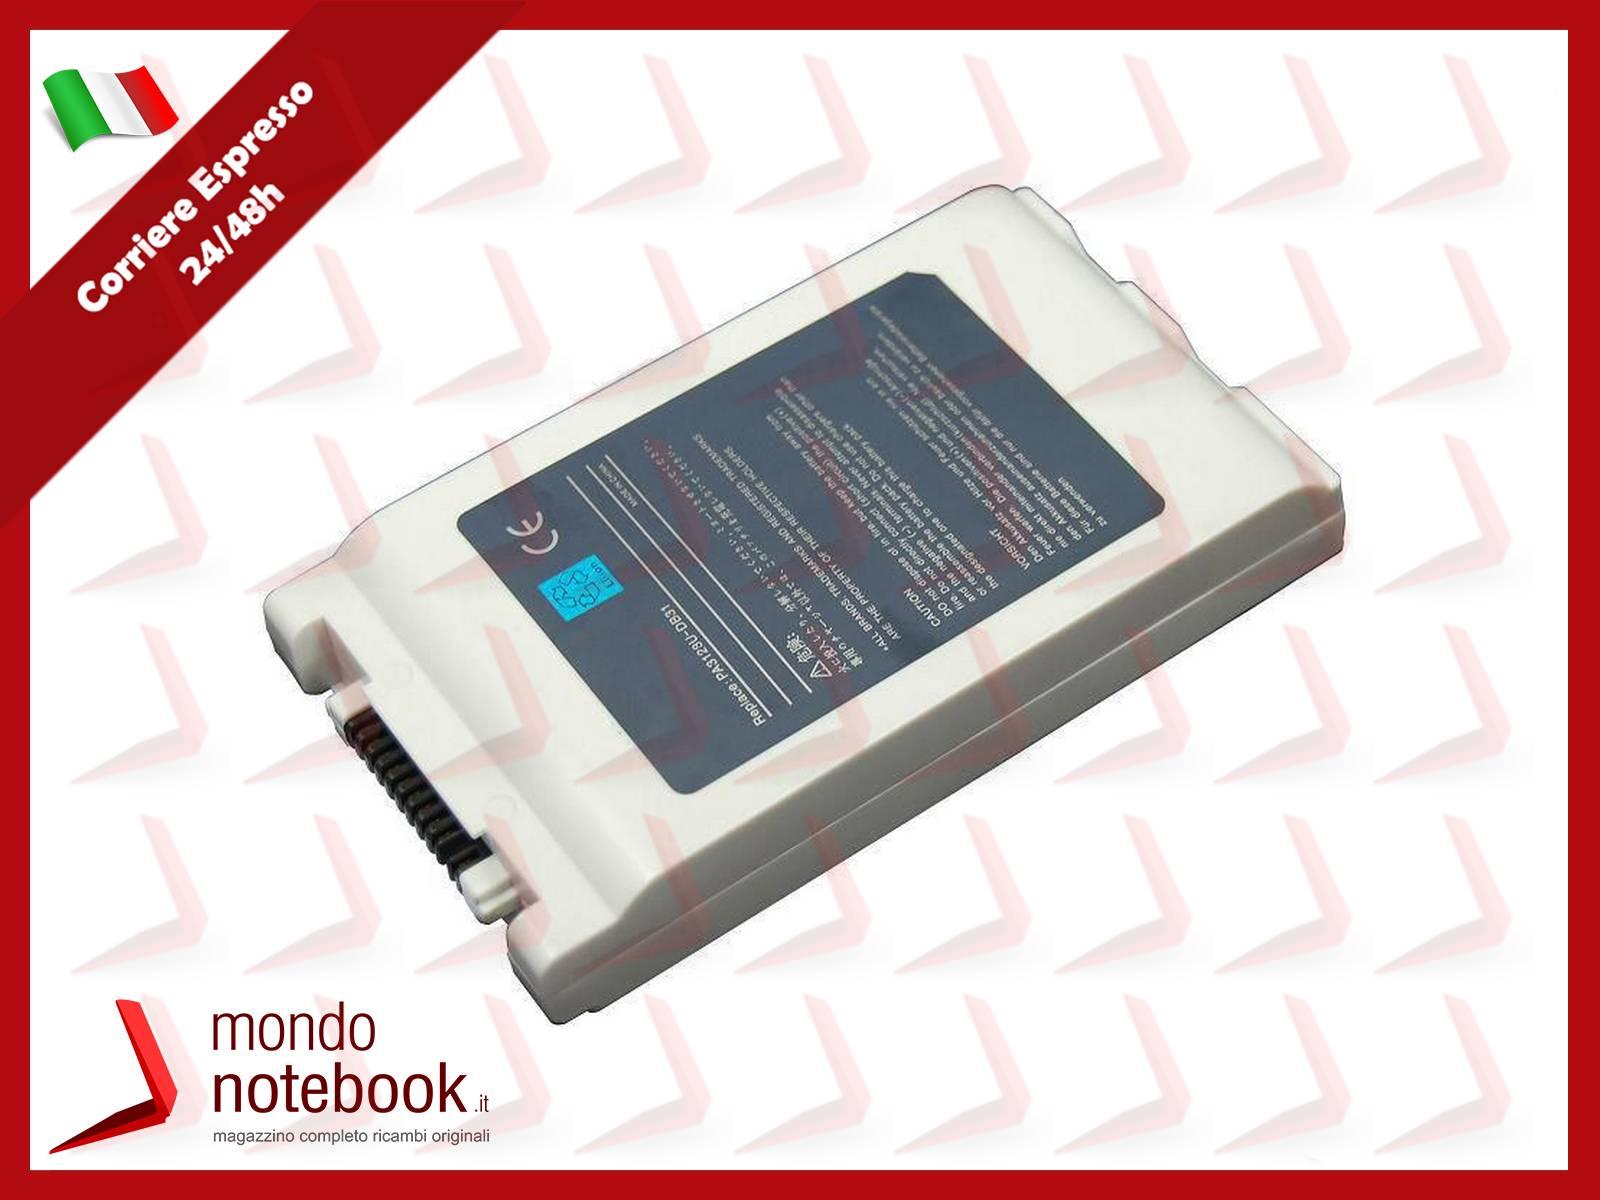 https://www.mondonotebook.it/13359/trackpad-touchpad-apple-per-macbook-pro-13-a1369-a1466-md231-2011-2012-prodotto-rigenerato-.jpg